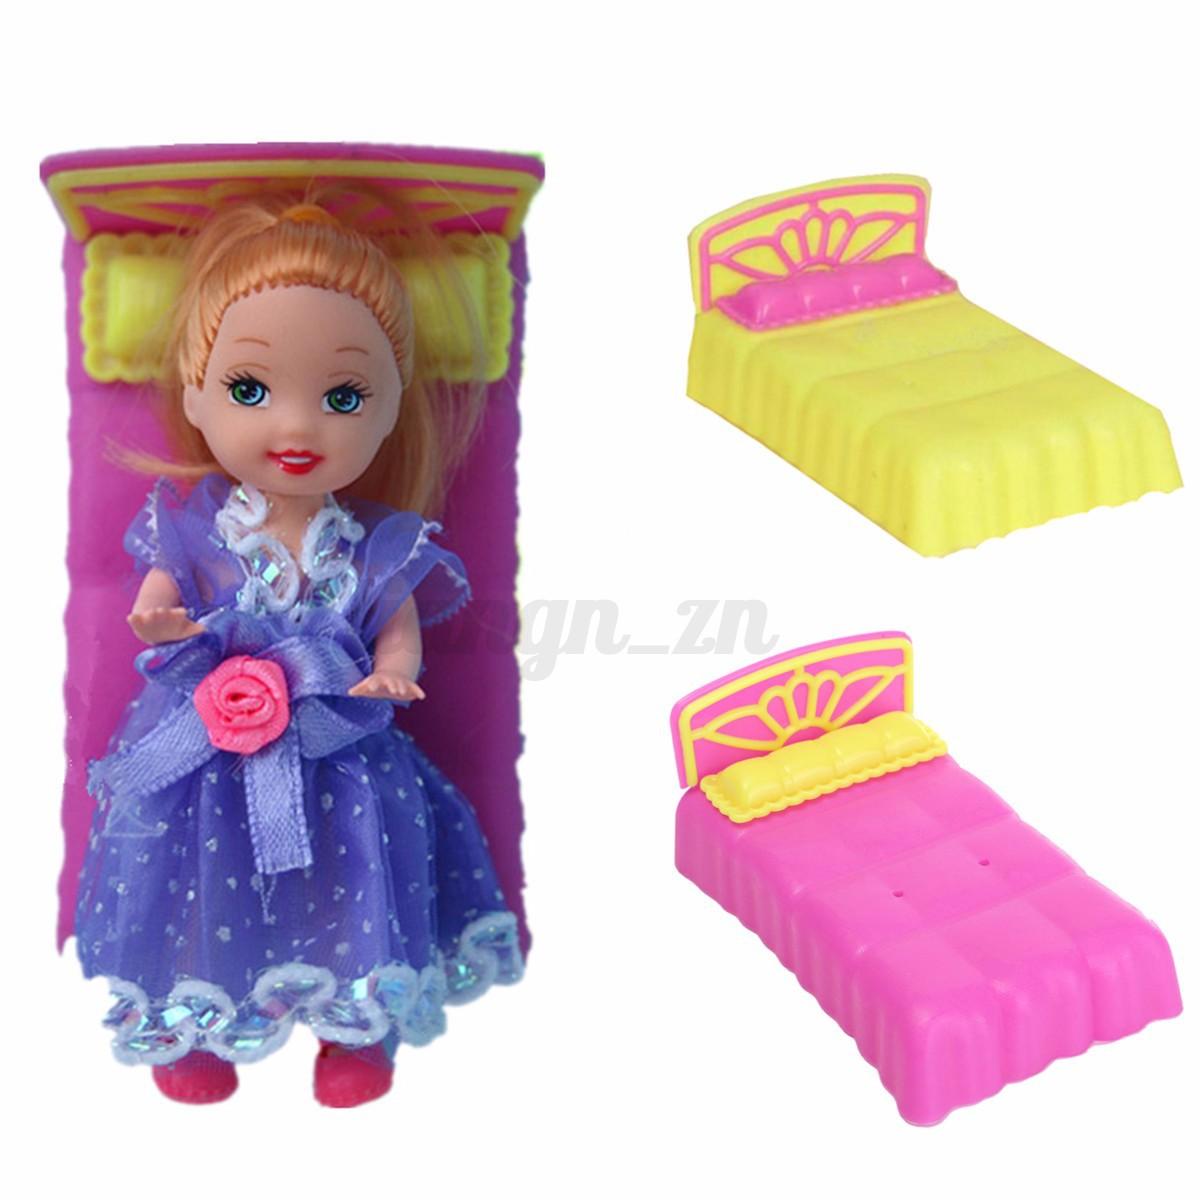 Maison poup e meuble chaise chambre lit mobilier barbie for Accessoire maison barbie